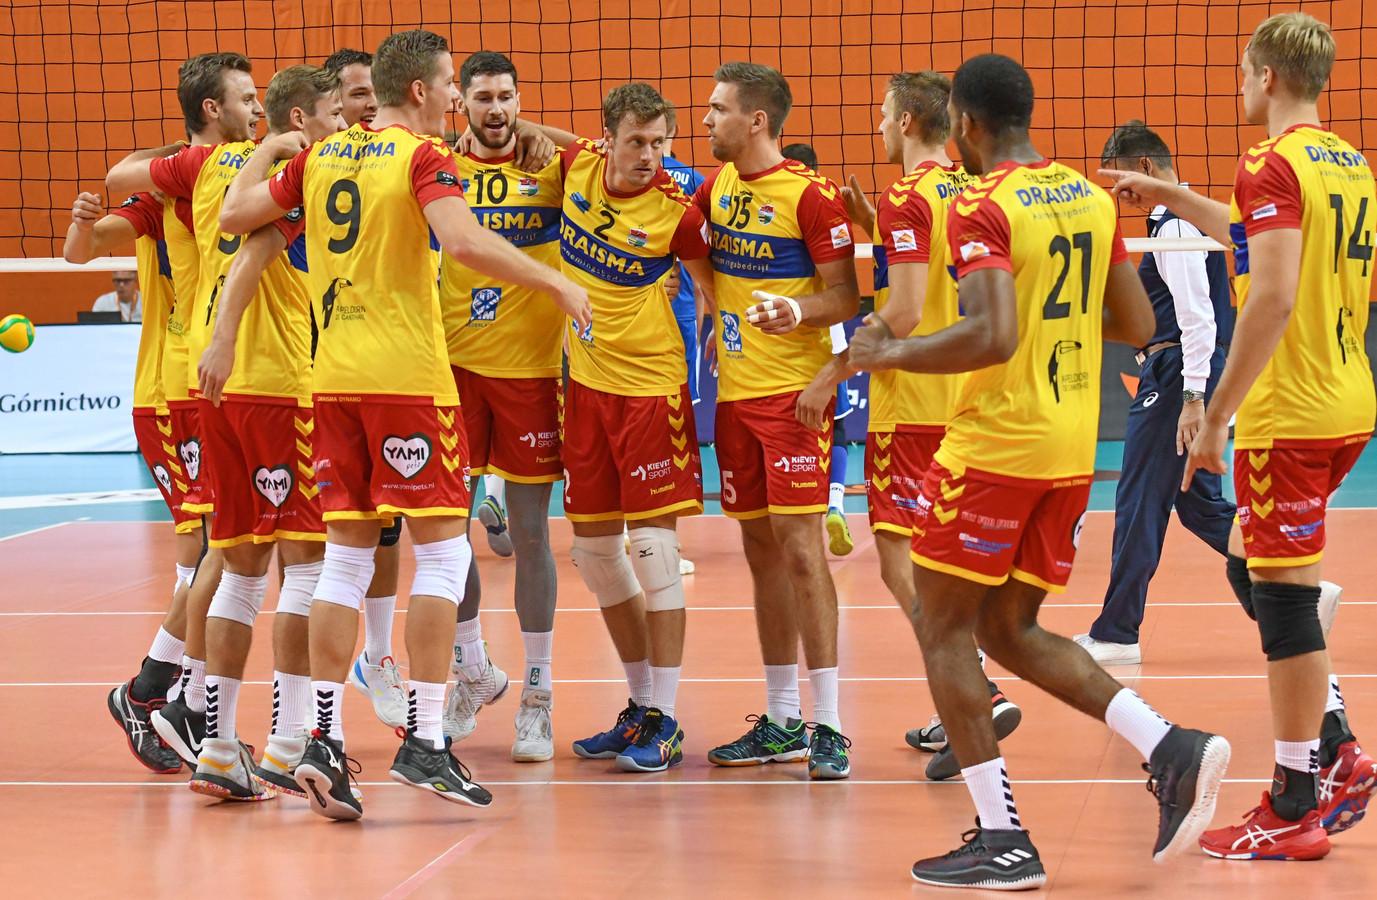 De spelers van Draisma Dynamo vieren feest na de zege in de eerste wedstrijd.